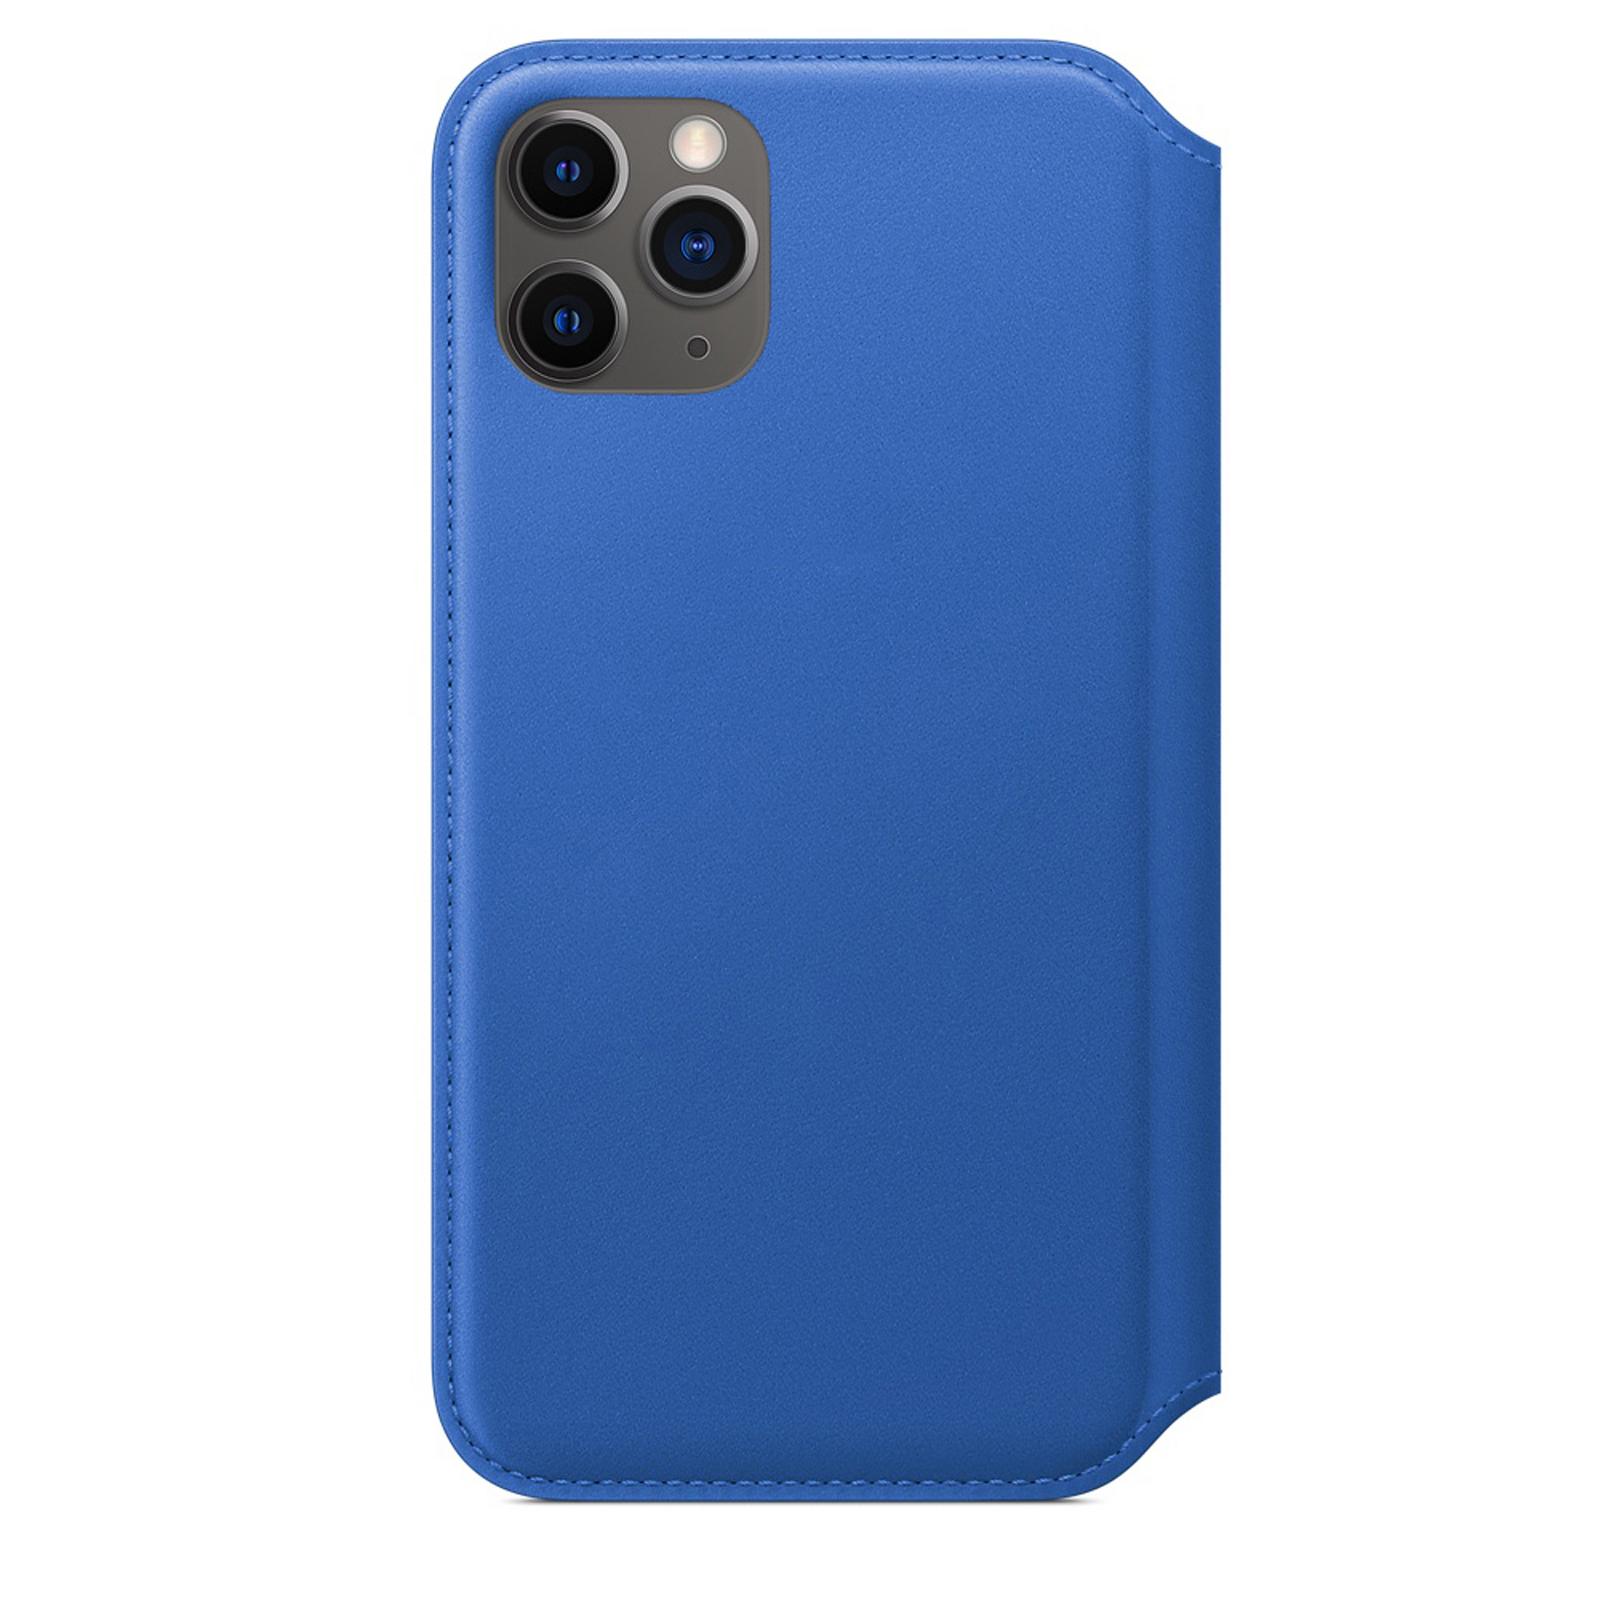 Nouveau-cuir-flip-portefeuille-Folio-Telephone-Etui-Housse-Pour-Apple-iPhone-11-Pro-Max-Xs-XR miniature 22